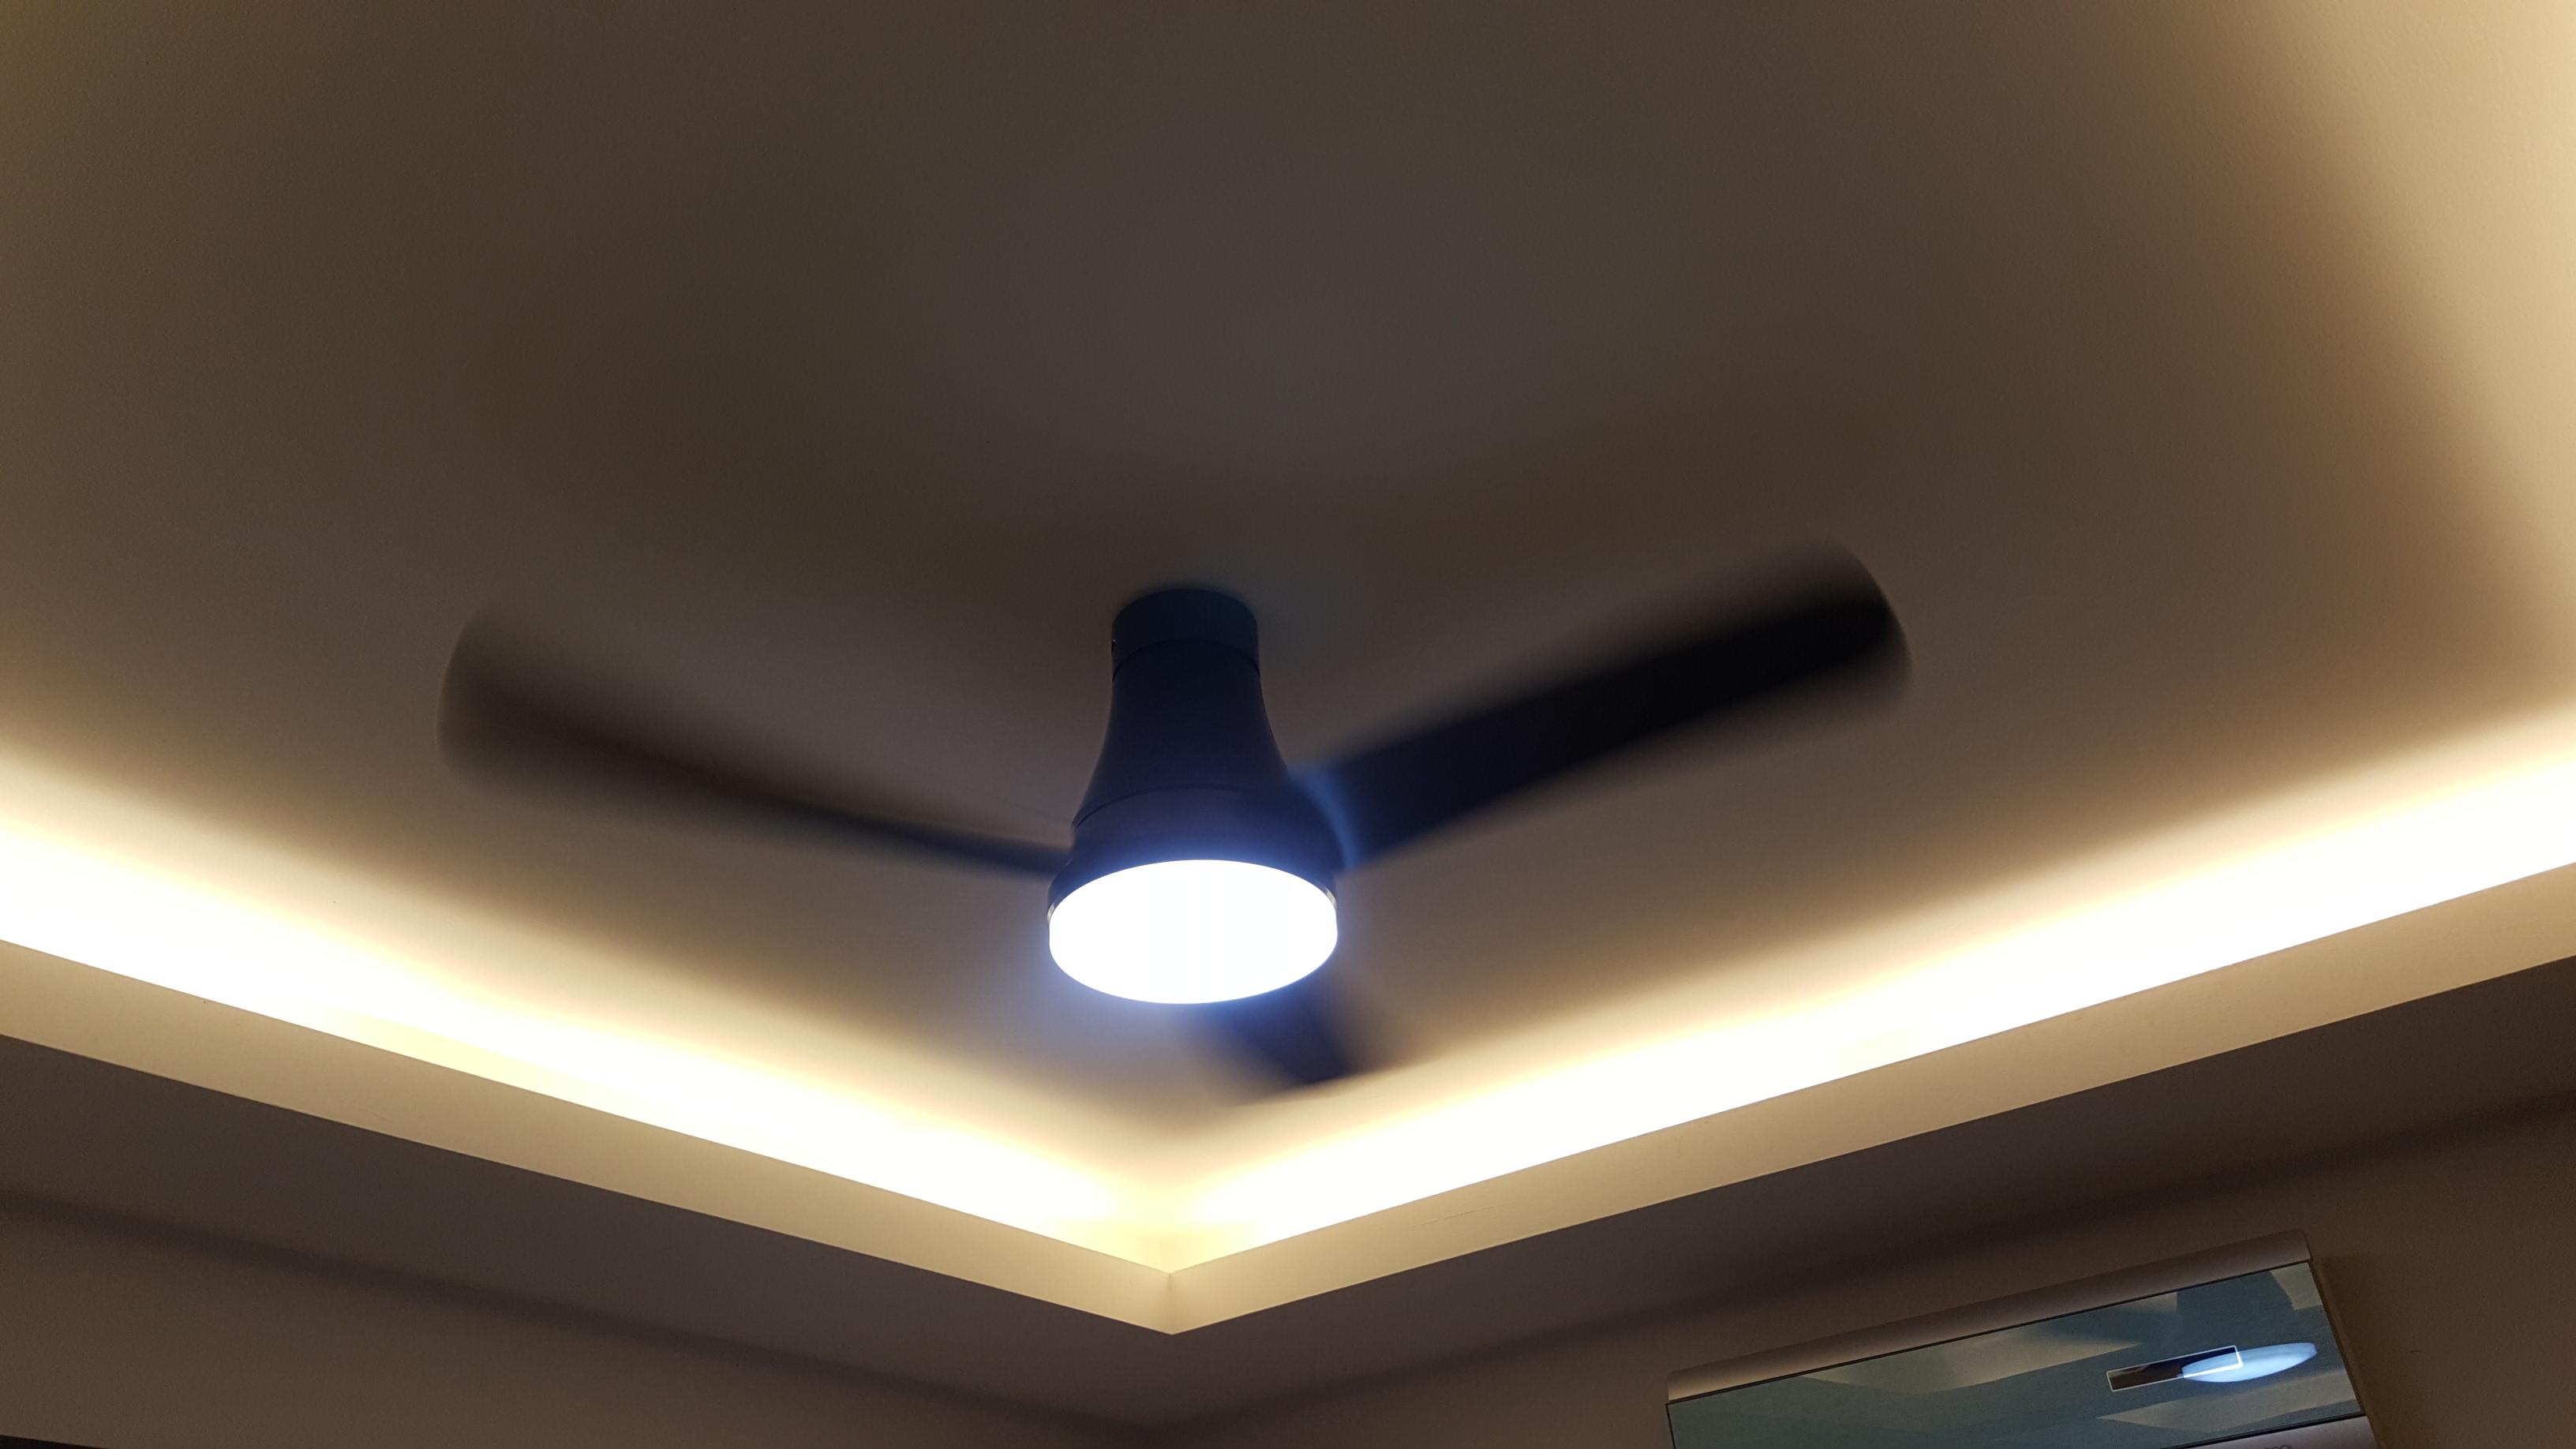 Dining Room Fan Changed Panasonic Led 3 Blade Ceiling F M12gx Vbhqh 48